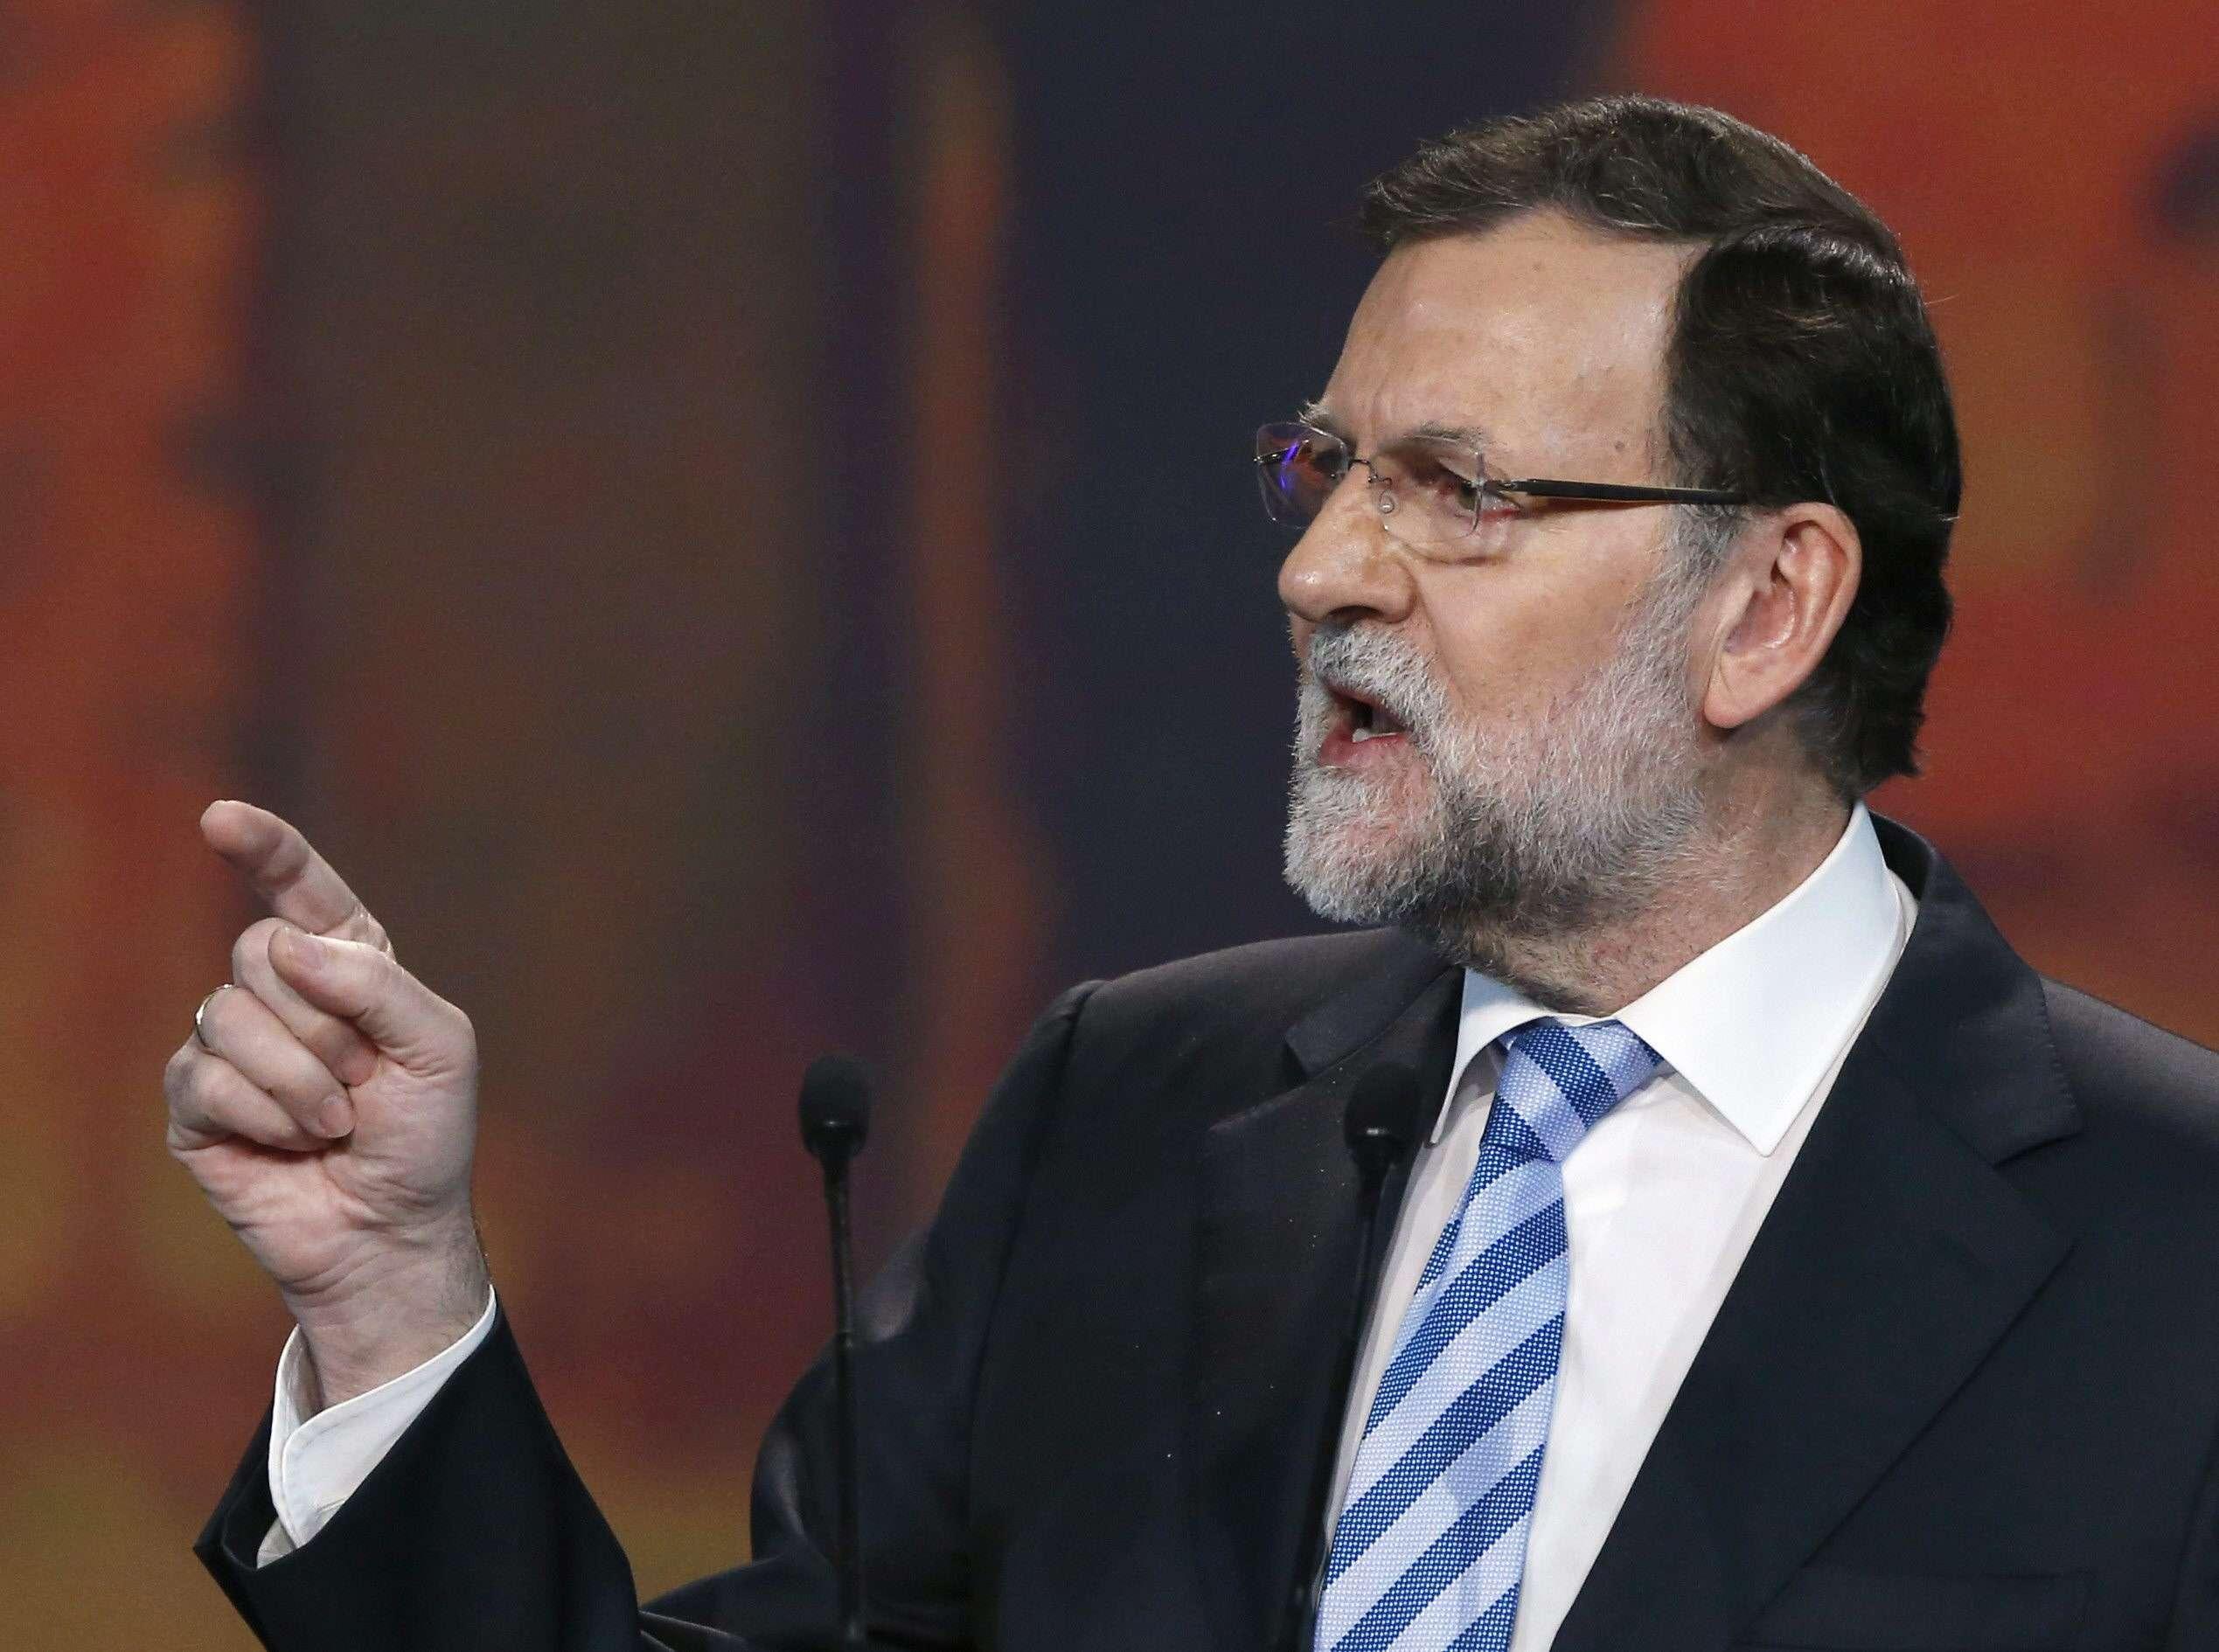 Mariano Rajoy, presidente de España, durante la Convención Nacional del PP. Foto: EFE en español